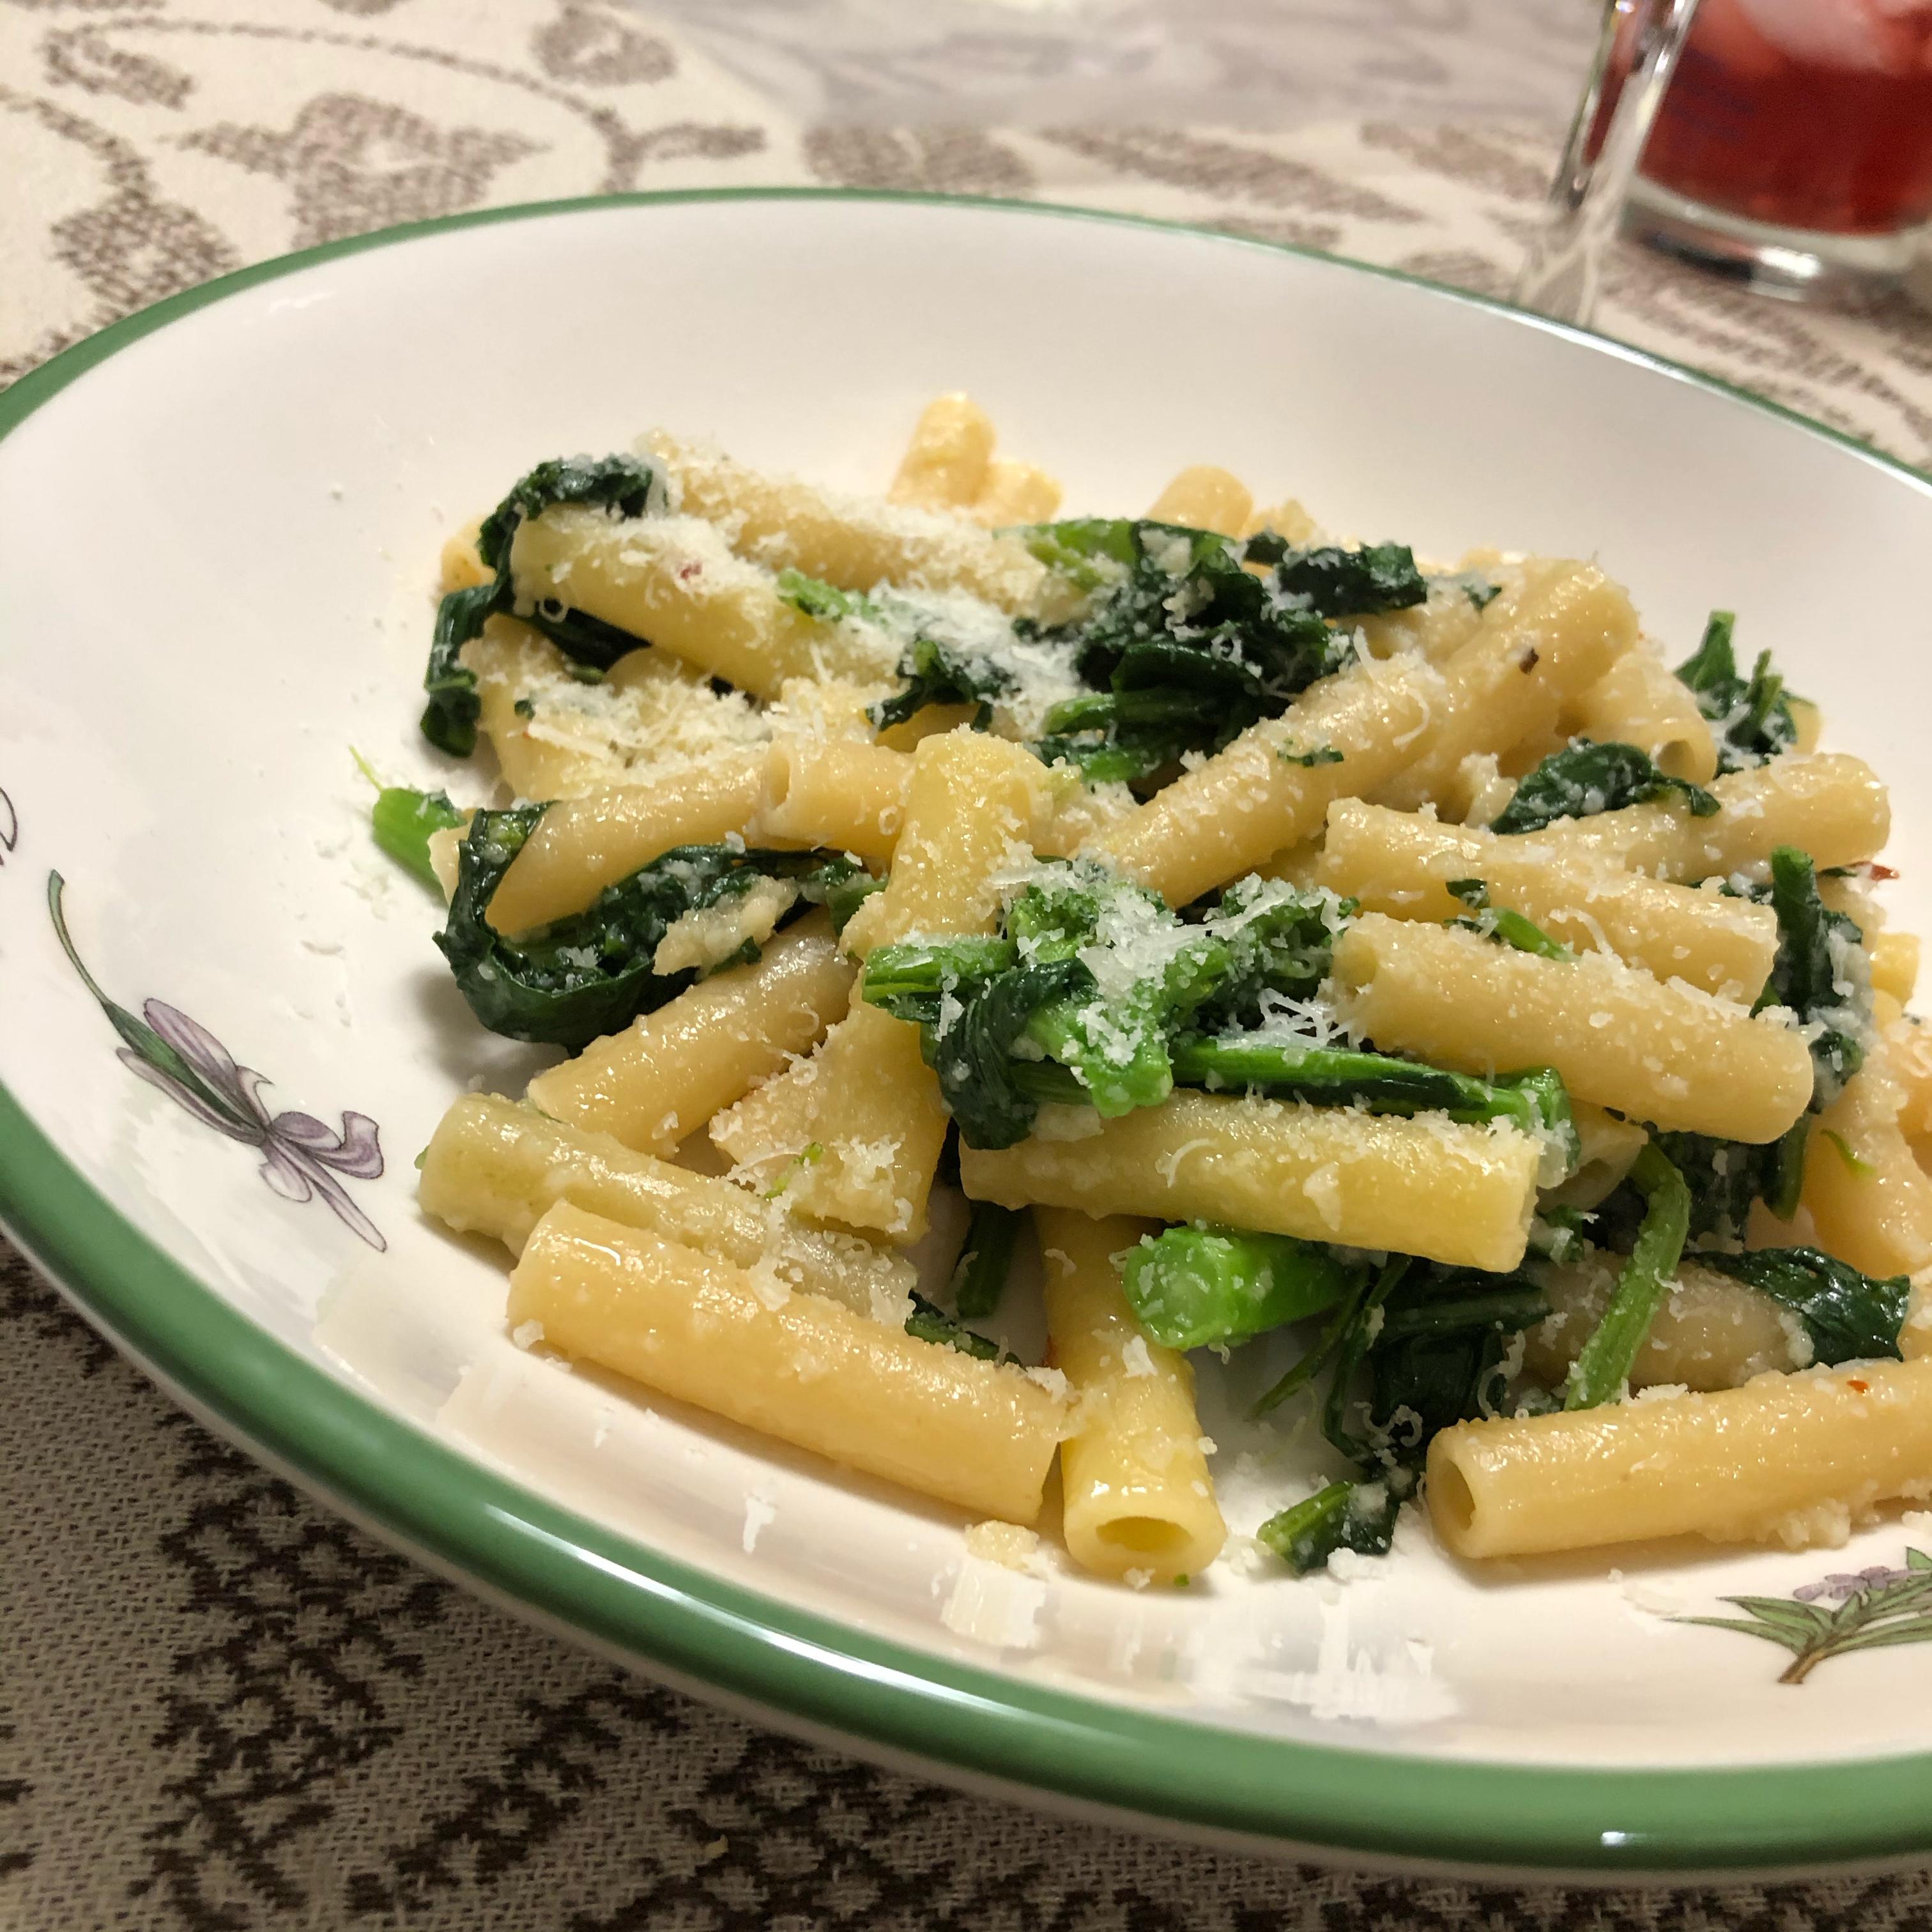 Pasta with Broccoli Rabe (Cima di Rapa)